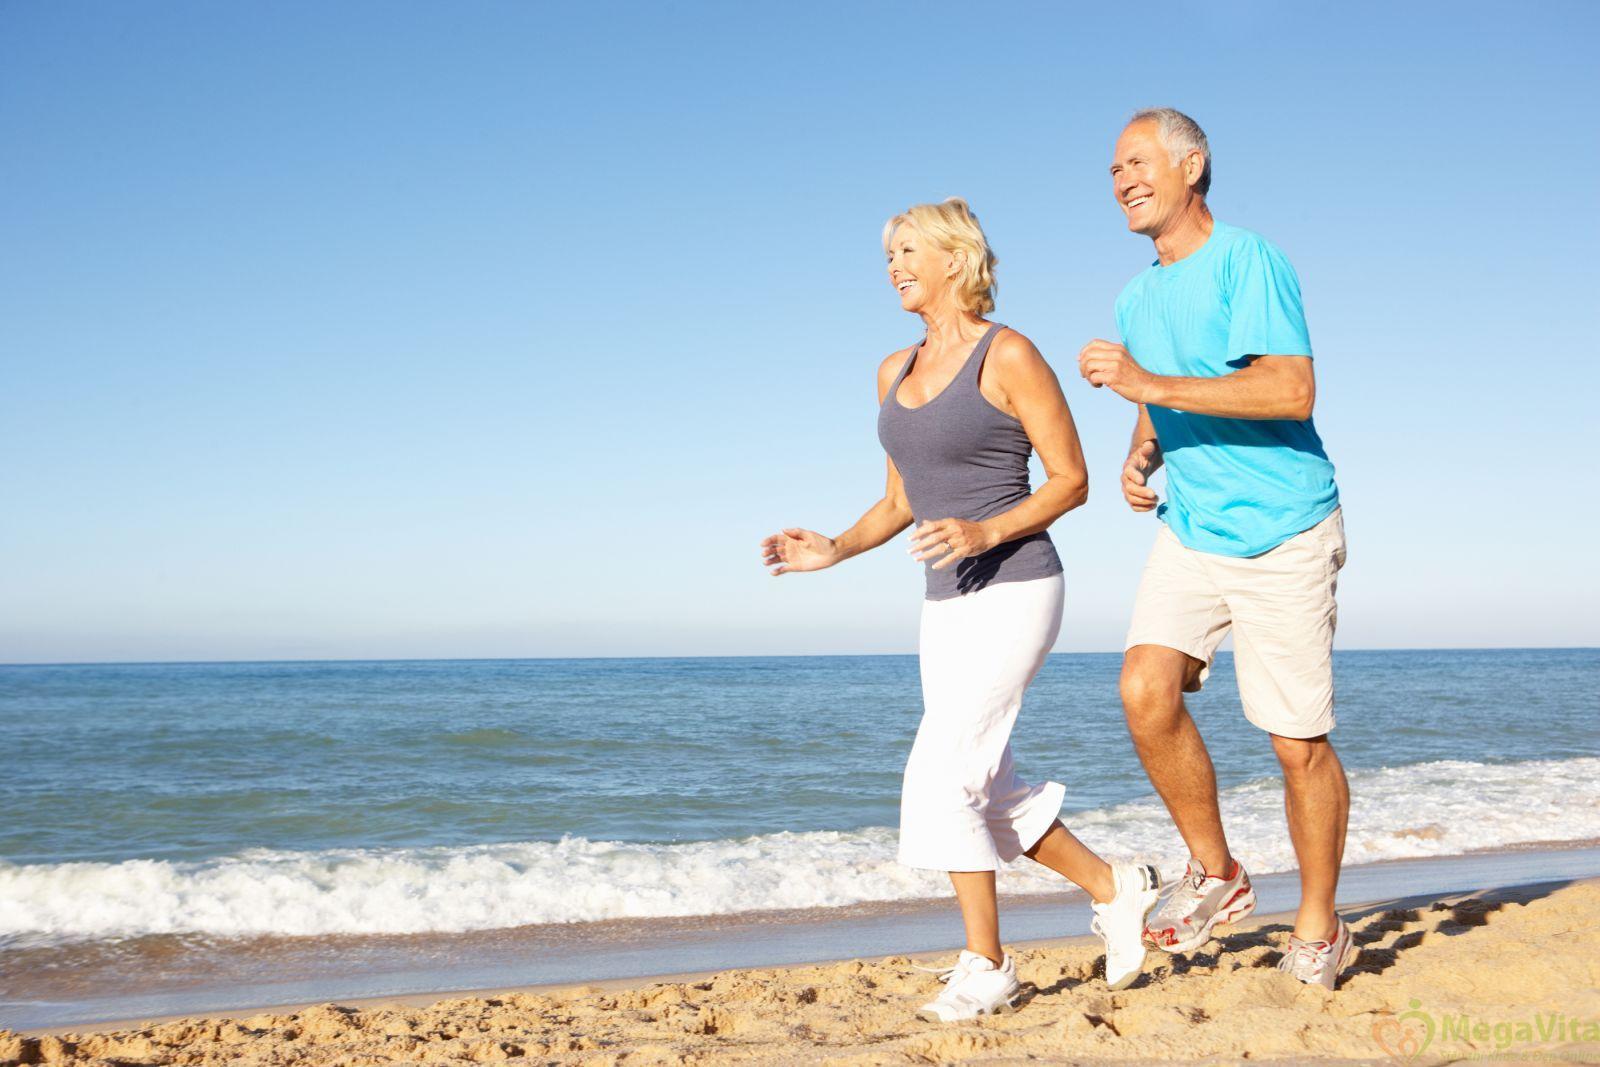 Viên uống hỗ trợ điều trị bệnh xương khớp, tăng khả năng vận động schiff move free joint health advanced 200 viên của mỹ